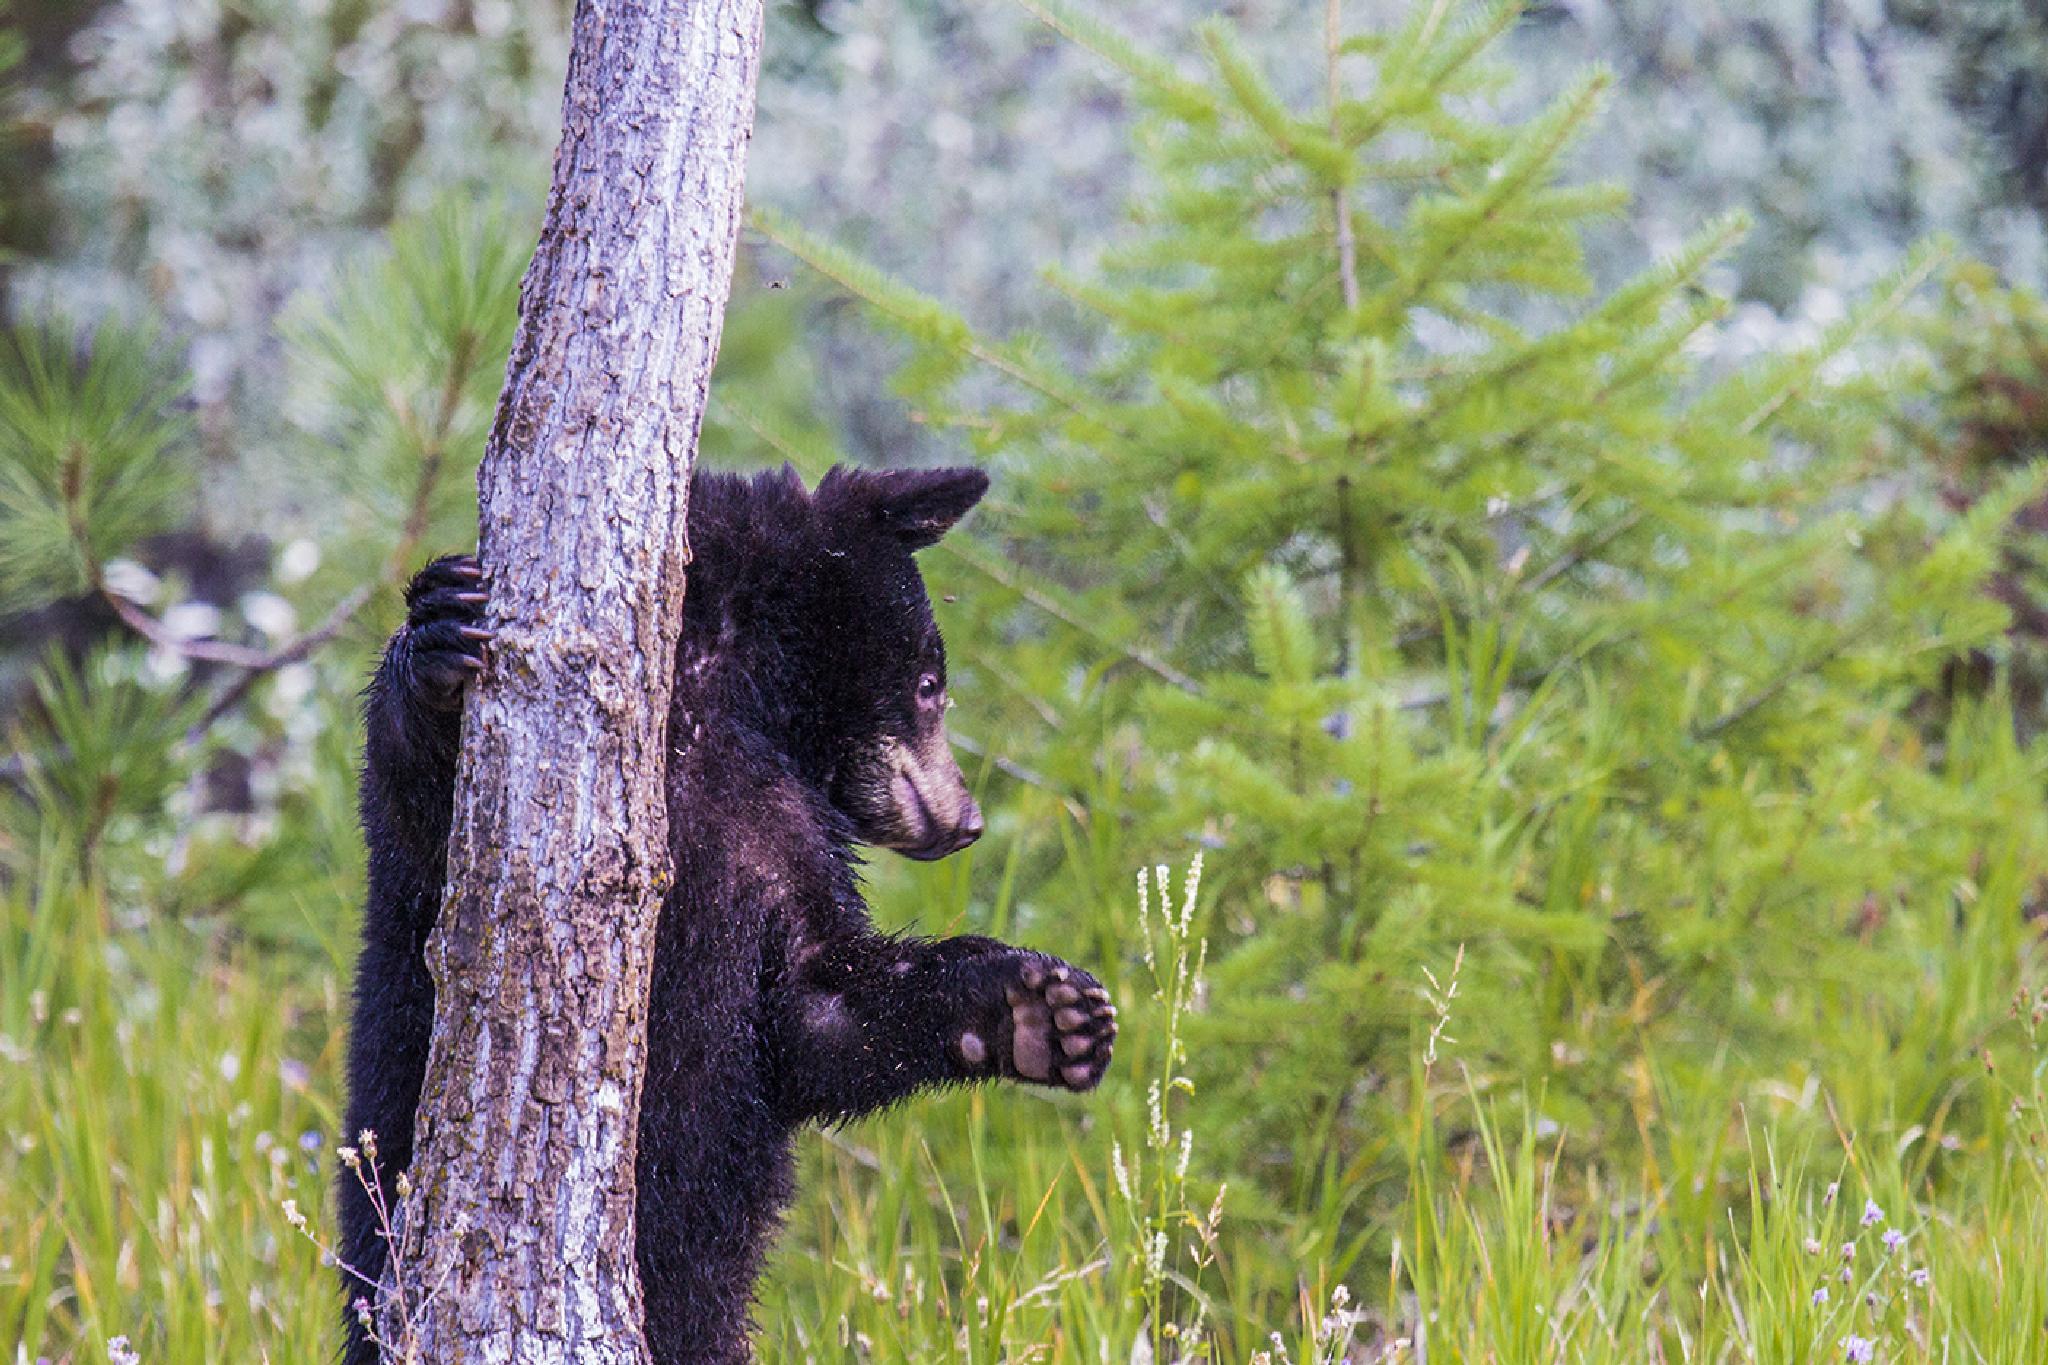 Black Bear Cub by Walter Nussbaumer